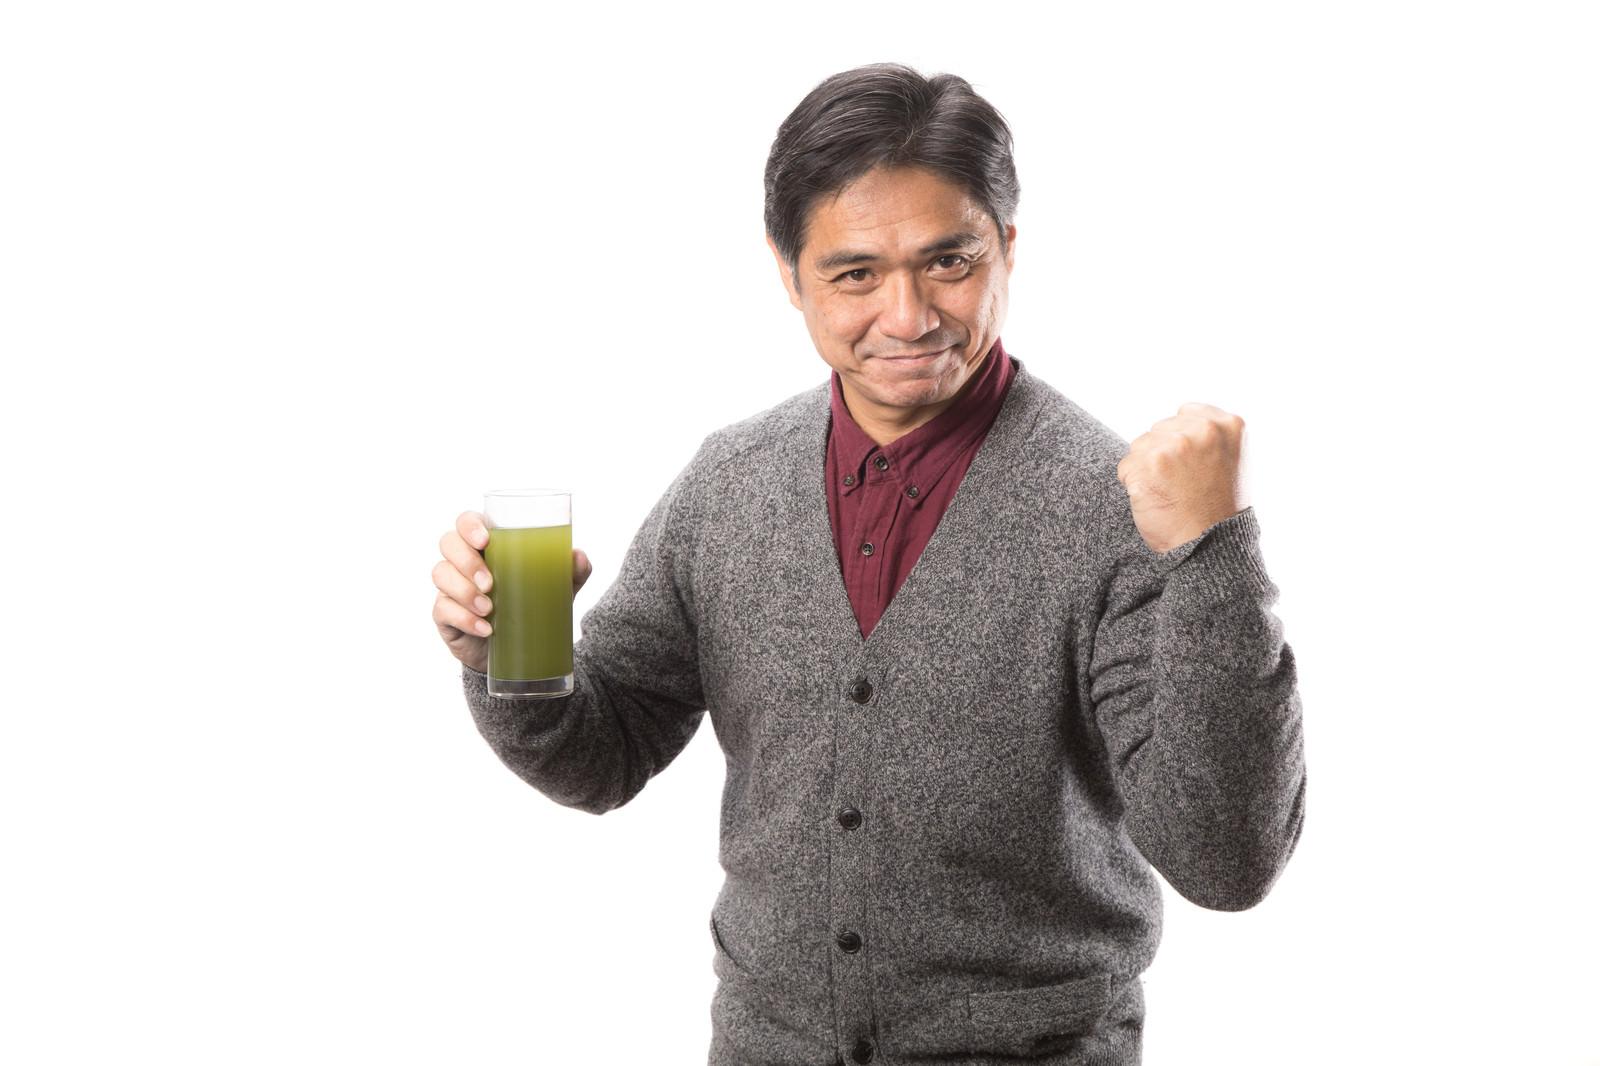 「青汁を飲んで元気だしてこ!(中年男性)青汁を飲んで元気だしてこ!(中年男性)」[モデル:よたか]のフリー写真素材を拡大